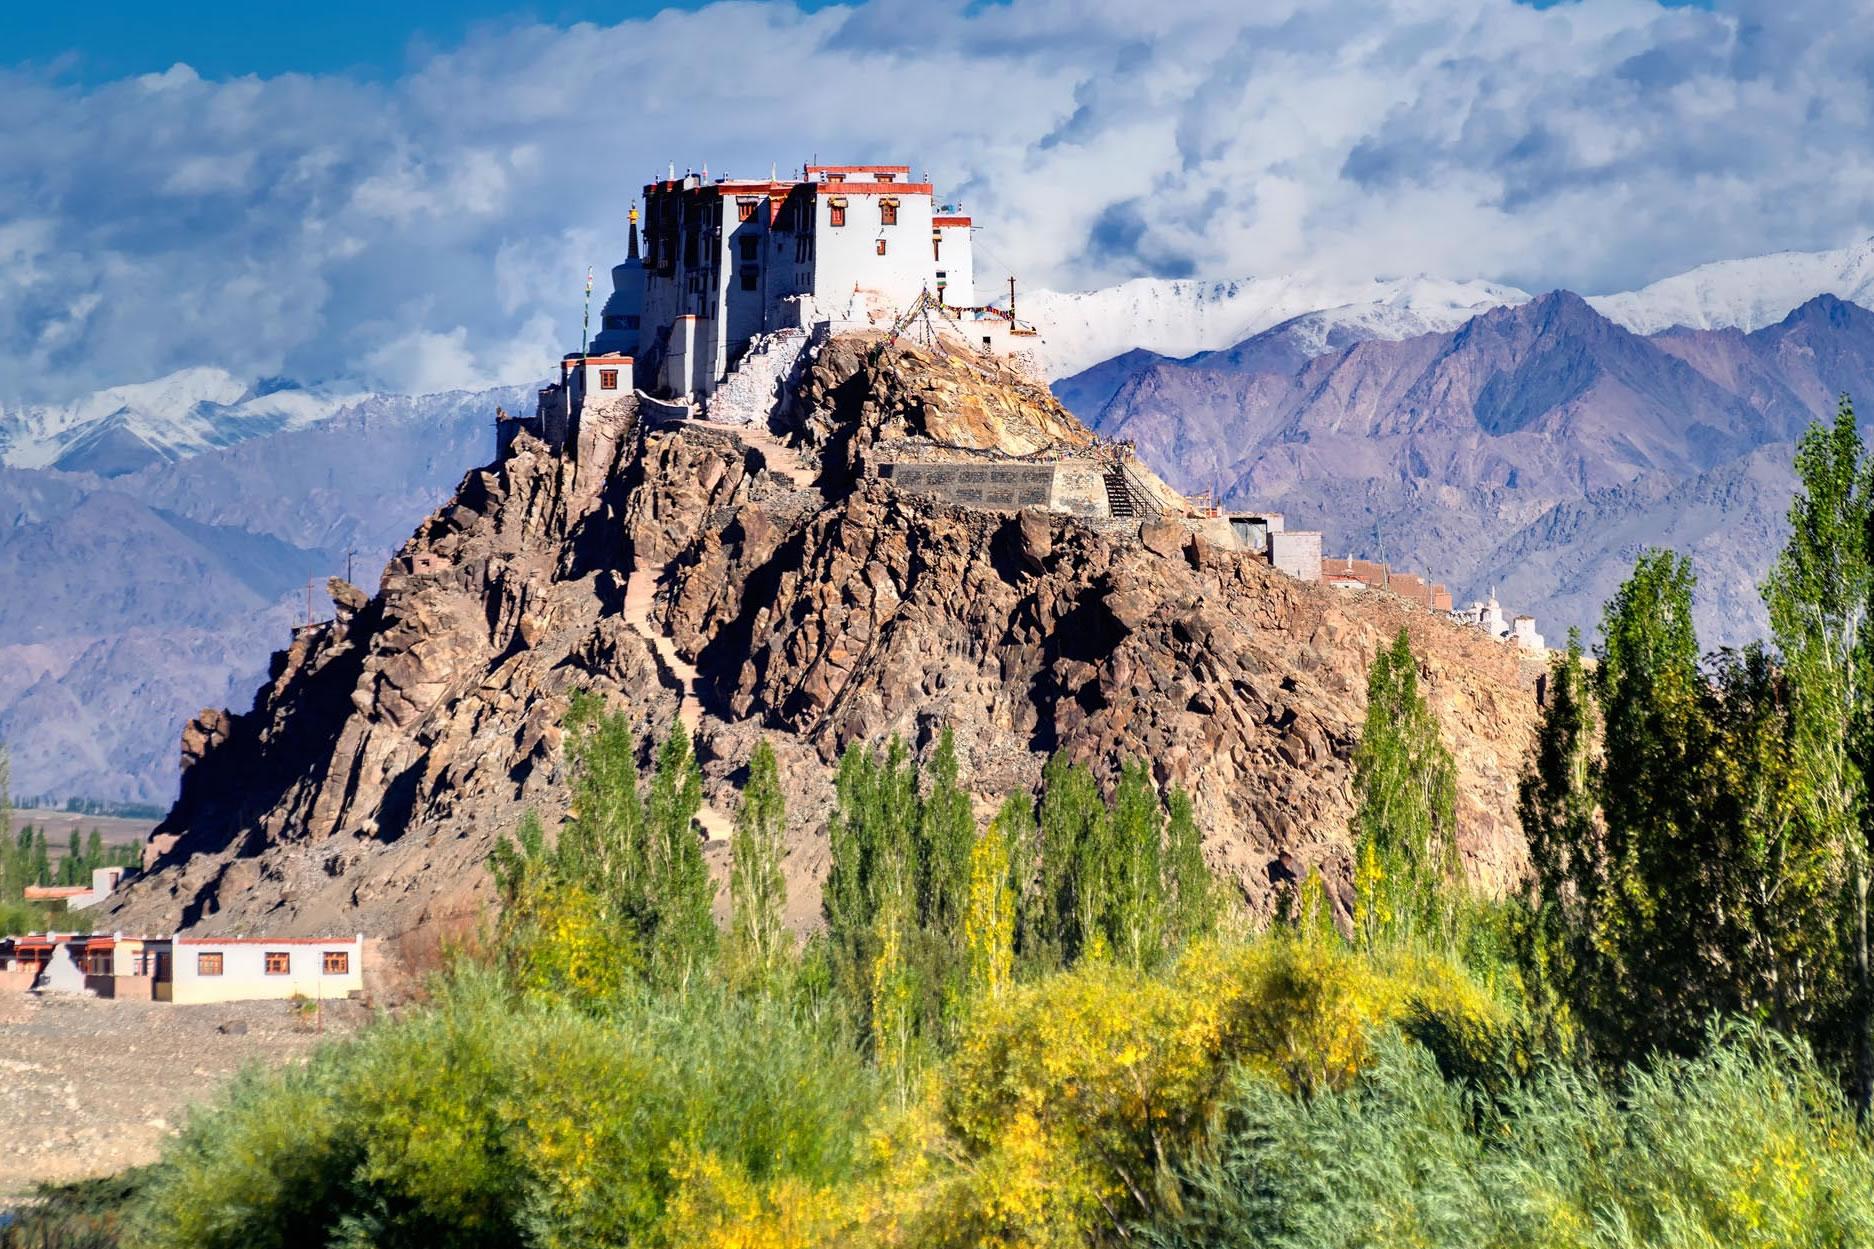 monasterio de hemis